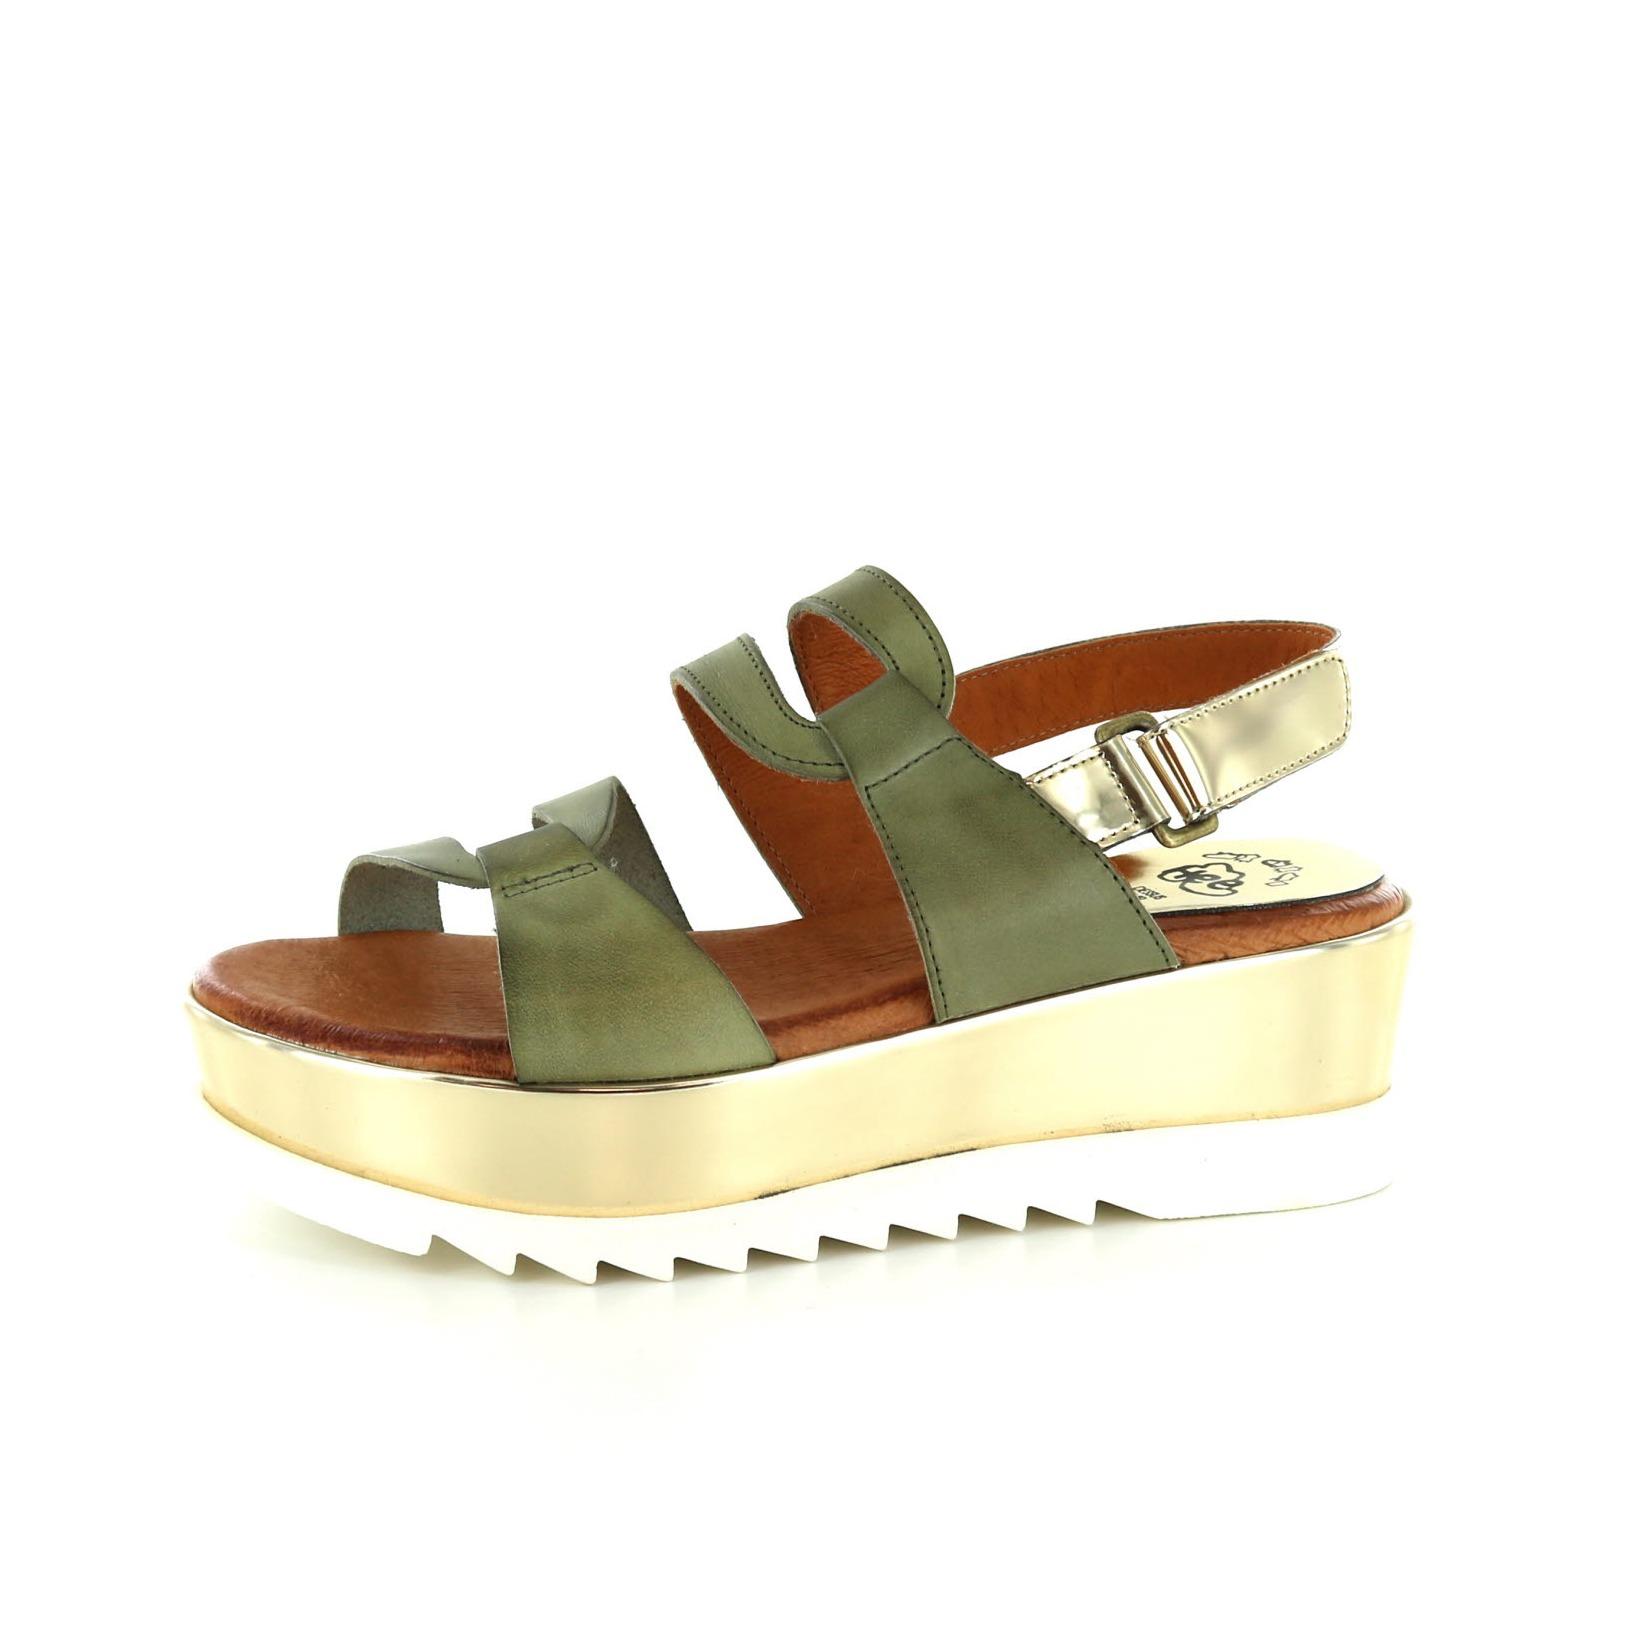 HEE / Sandalen, groen